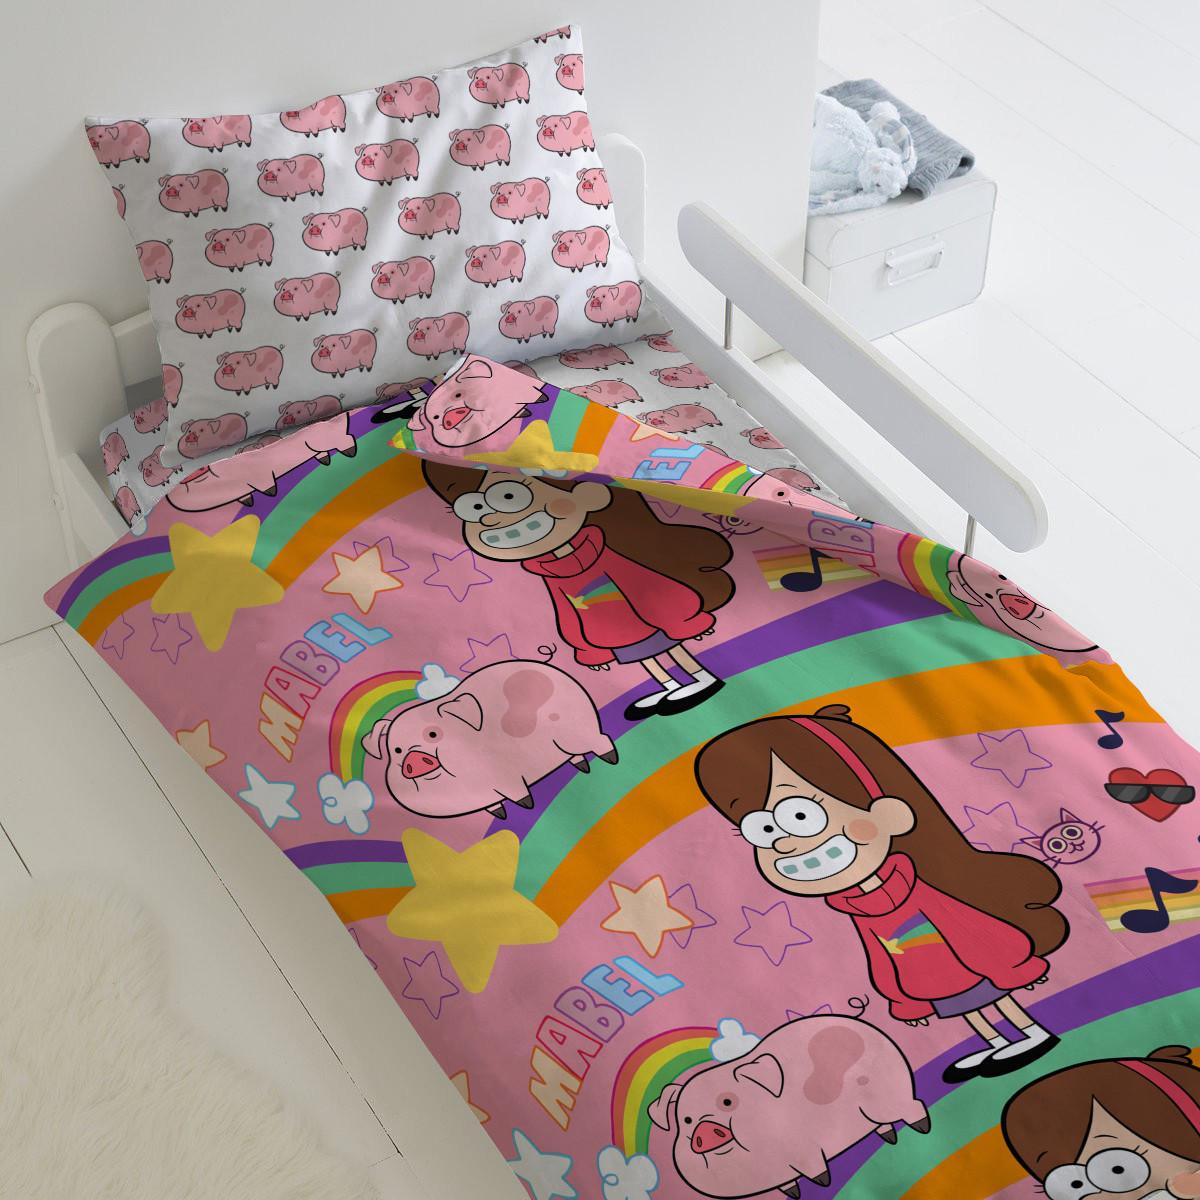 HOMY Комплект постельного белья Мейбл и Пухля, Гравити Фолз  HOMY  1.5 спальный